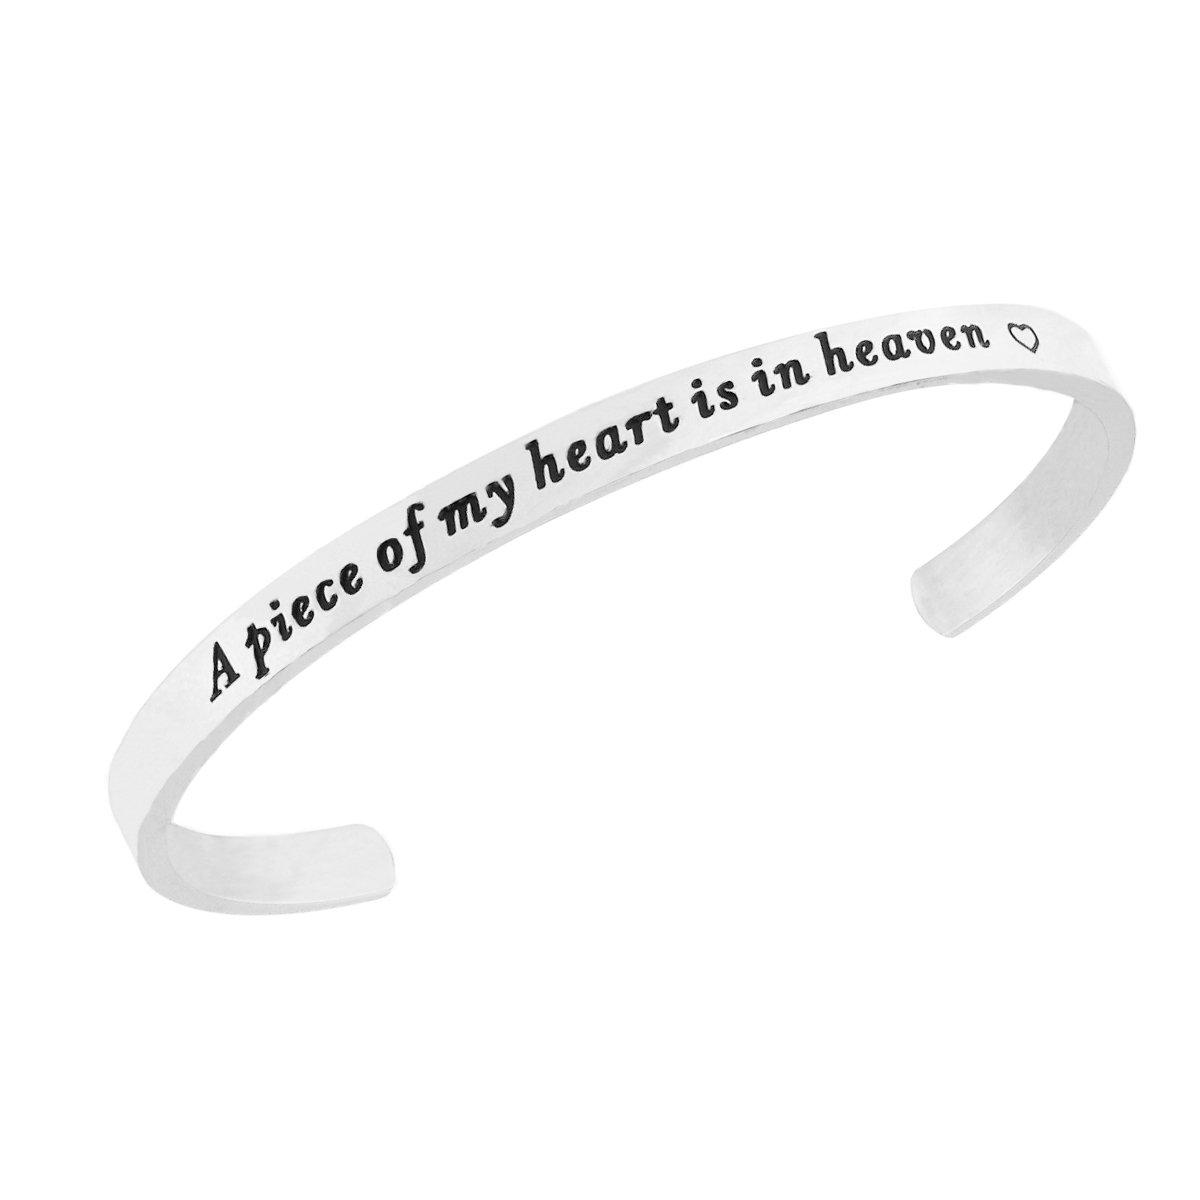 RUNXINTD A Piece of my heart is in heaven Memories Cuff Bracelet Memorial Jewelry Miscarriage Bracelet (Cuff Bracelet-Silver)